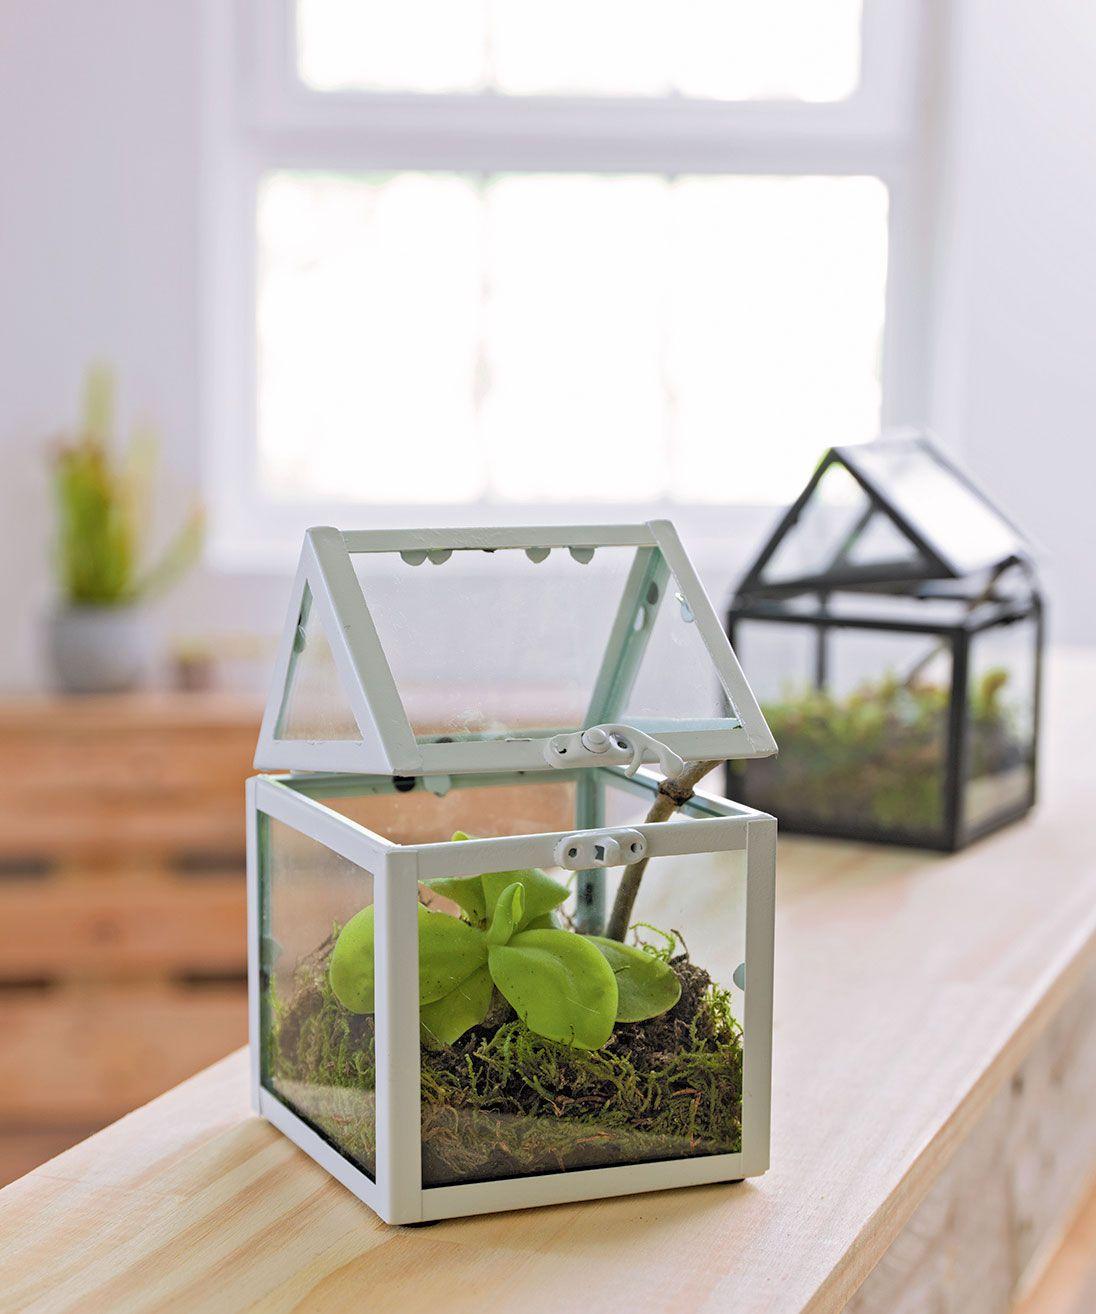 Les Mini Serres Sont Parfaites Pour Sublimer Votre Déco ... serapportantà Petites Serres De Jardin